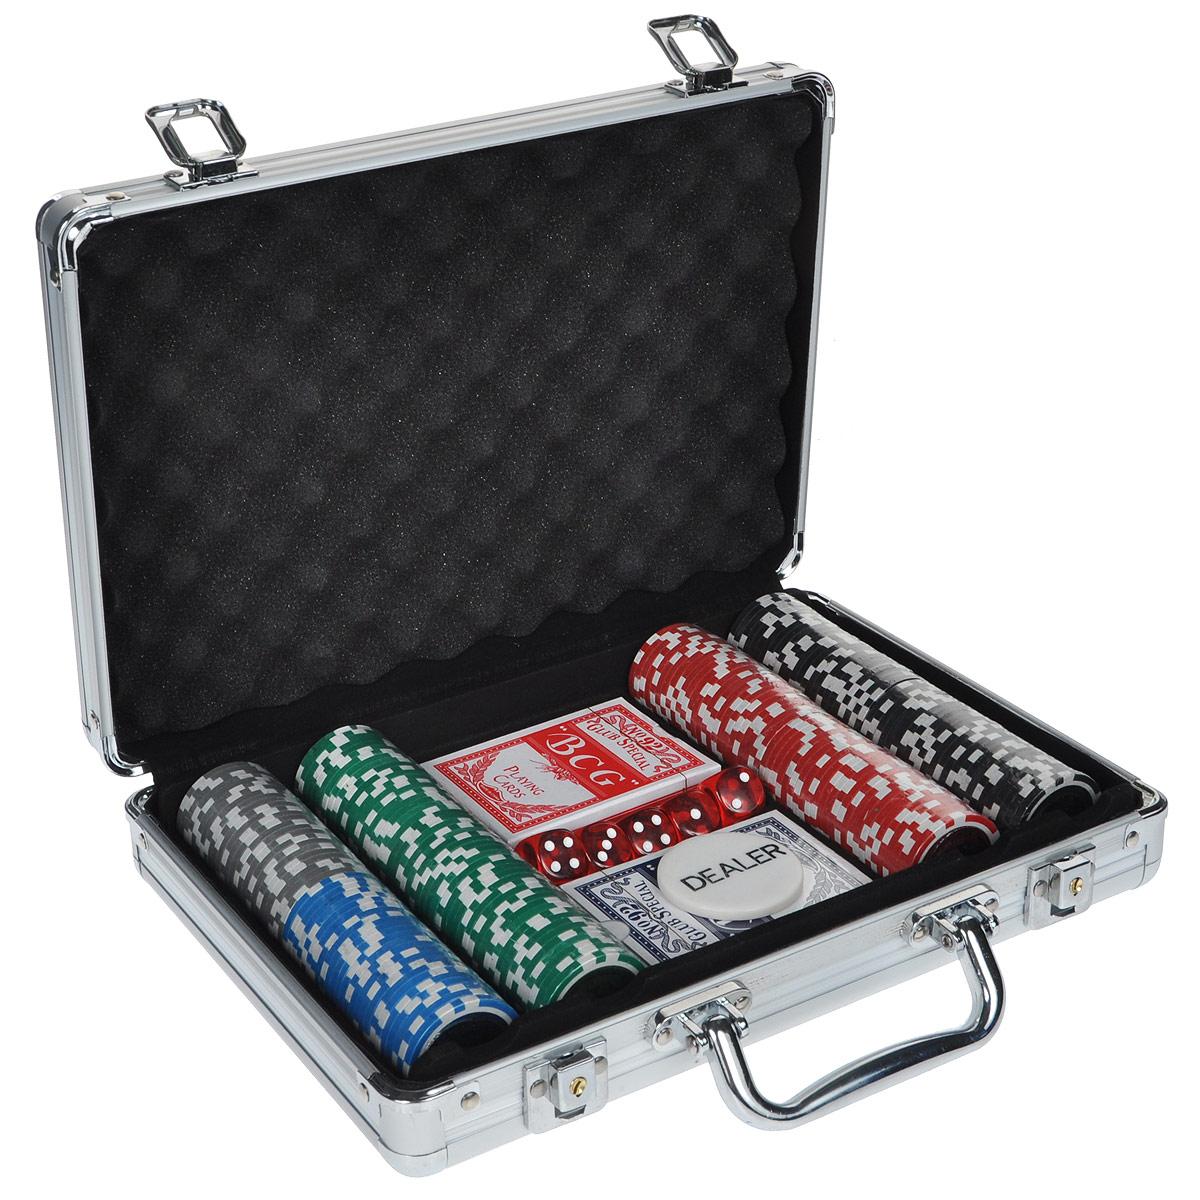 Набор для покера Компания Игра Дипломат для покера Ультимейт(2х54л.(карты Китай)+5 игр.кост.+200 ф. по 14г с номин.+ф.дилера)ГД5/200к серебристый фишки для покера с номиналом 11 5 г 25 штук